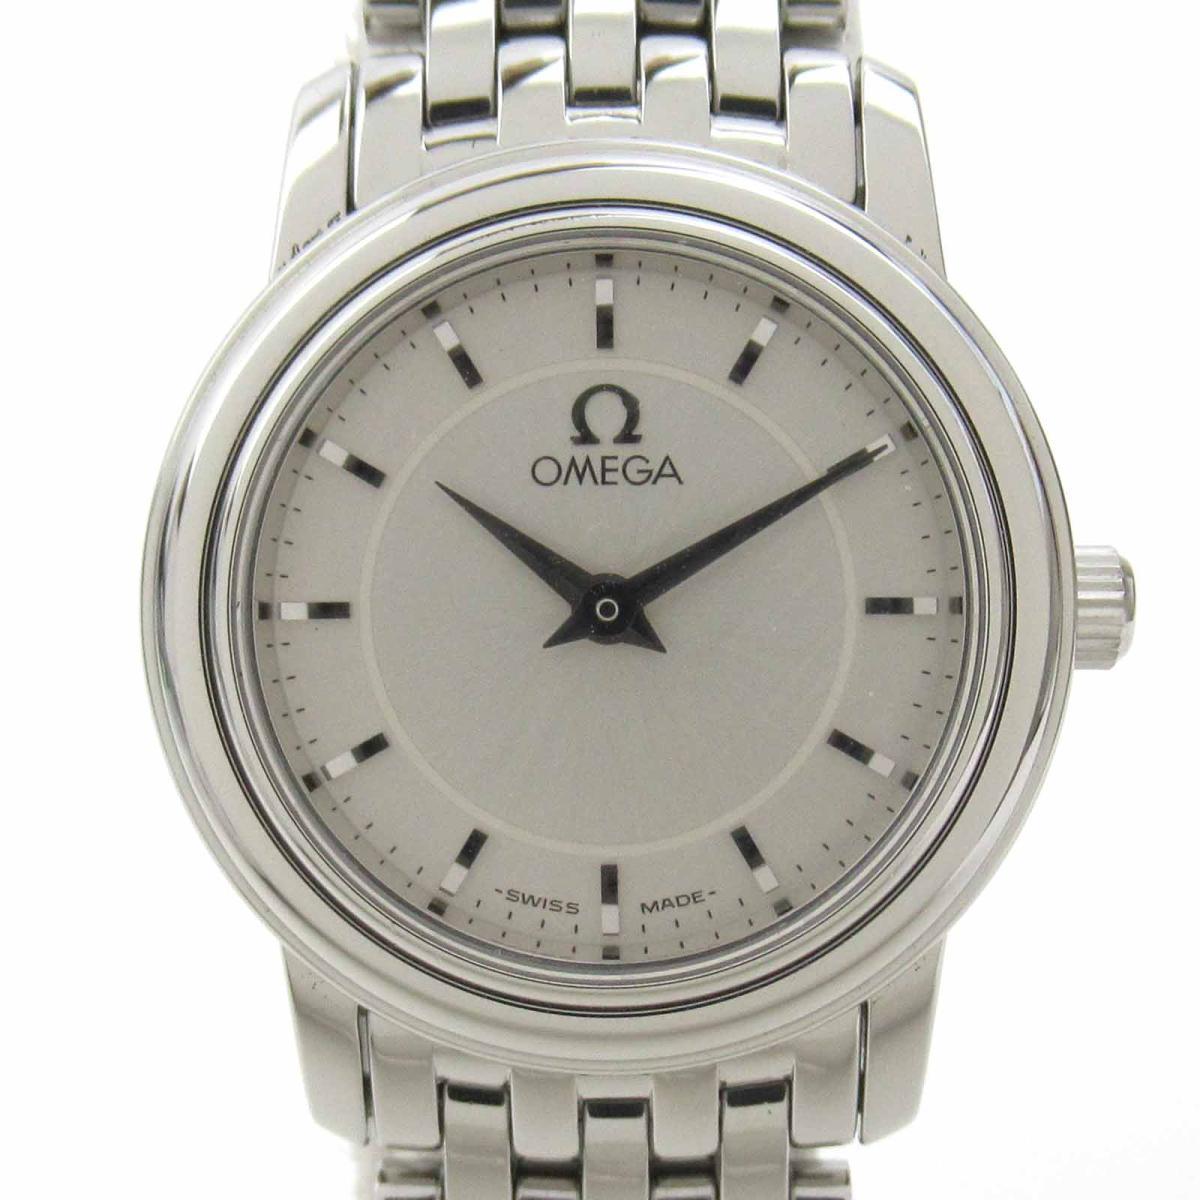 ≪期間限定≫メルマガ登録でクーポンGET! 【中古】 オメガ デ・ビル プレステージ ウォッチ 腕時計 レディース ステンレススチール (SS) (4570.31) | OMEGA BRANDOFF ブランドオフ ブランド ブランド時計 ブランド腕時計 時計